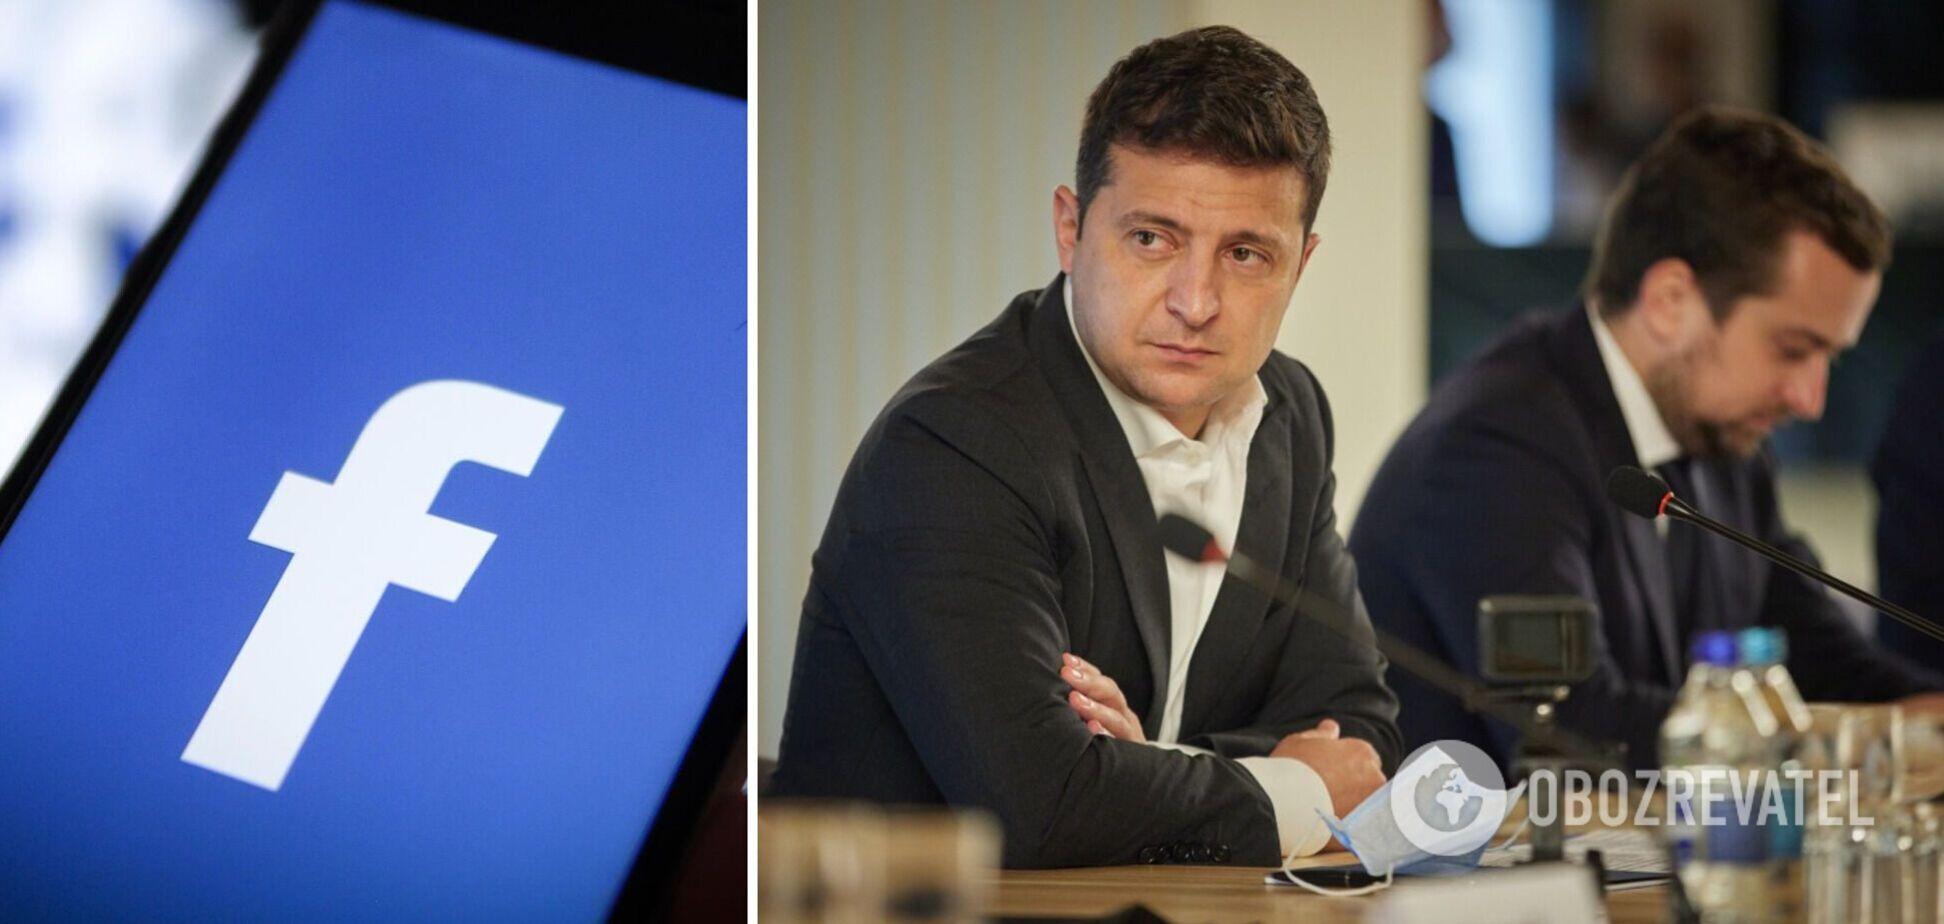 Зеленский пообщался с представителями Facebook